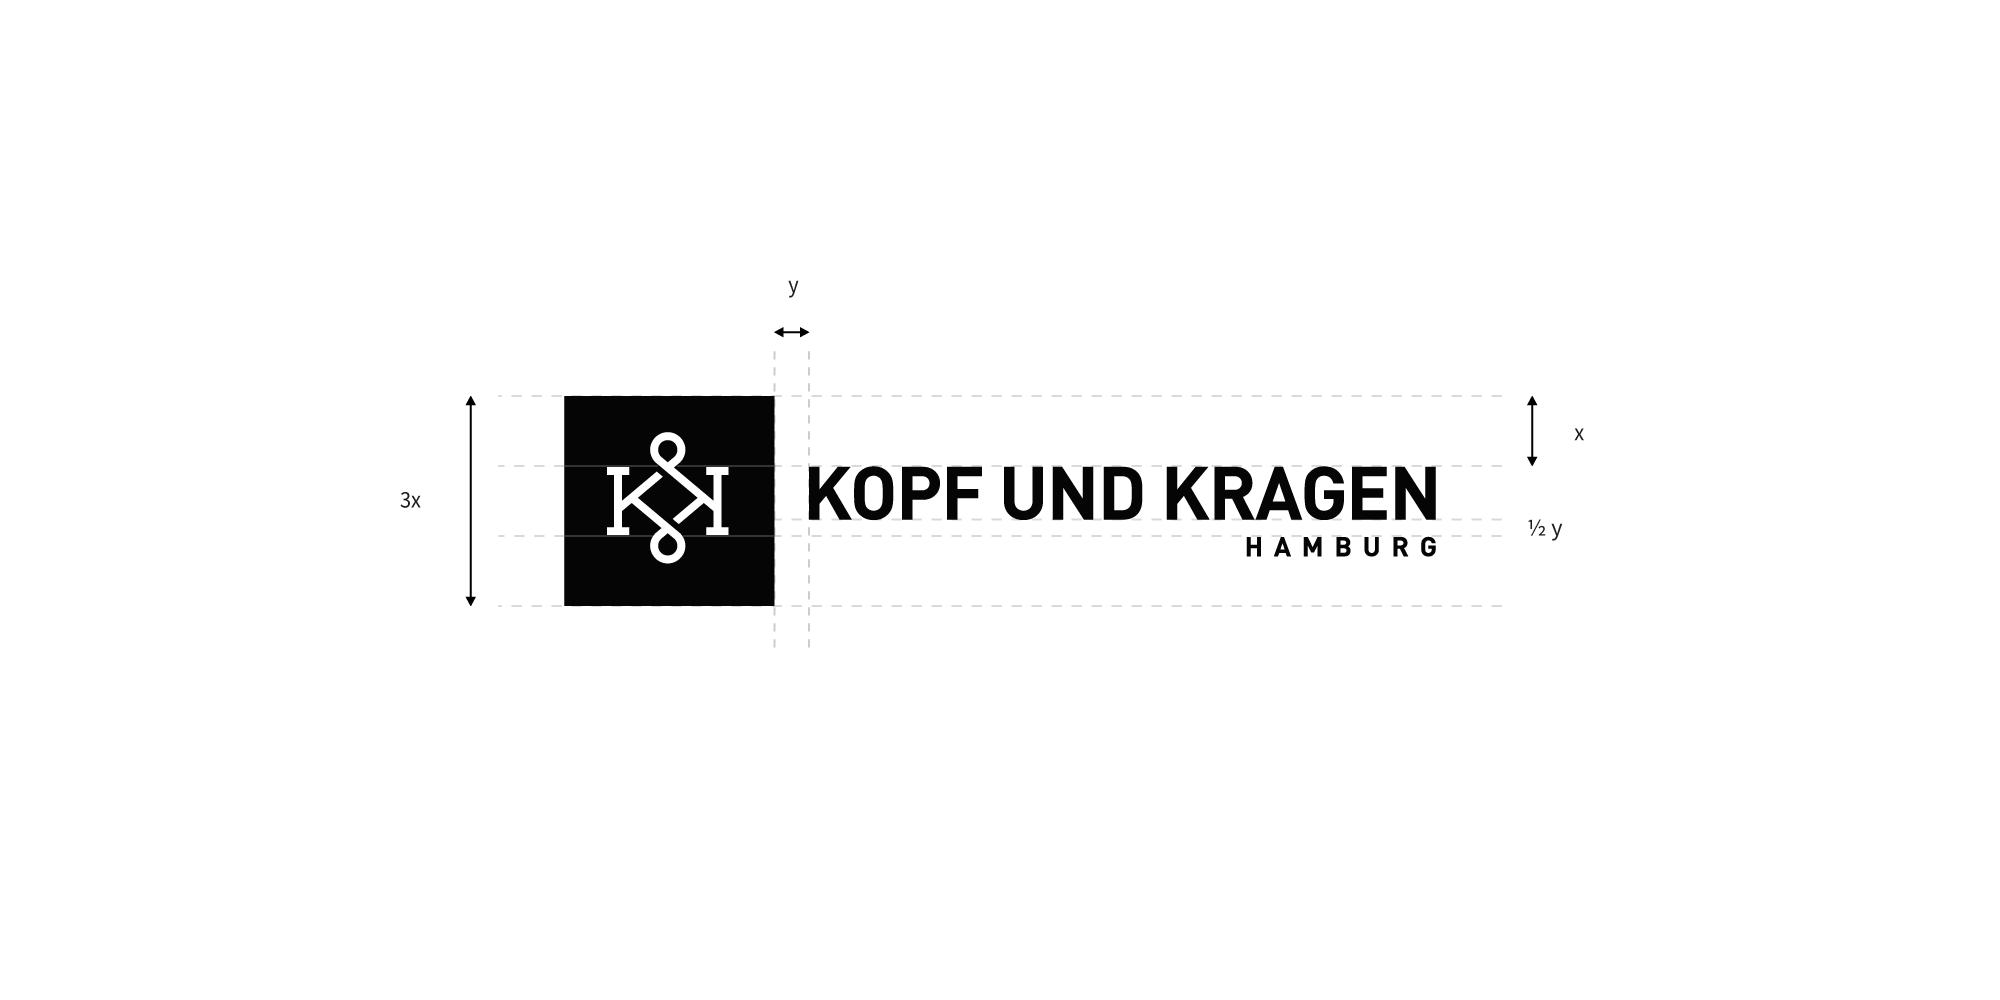 kopf-und-kragen-logo02